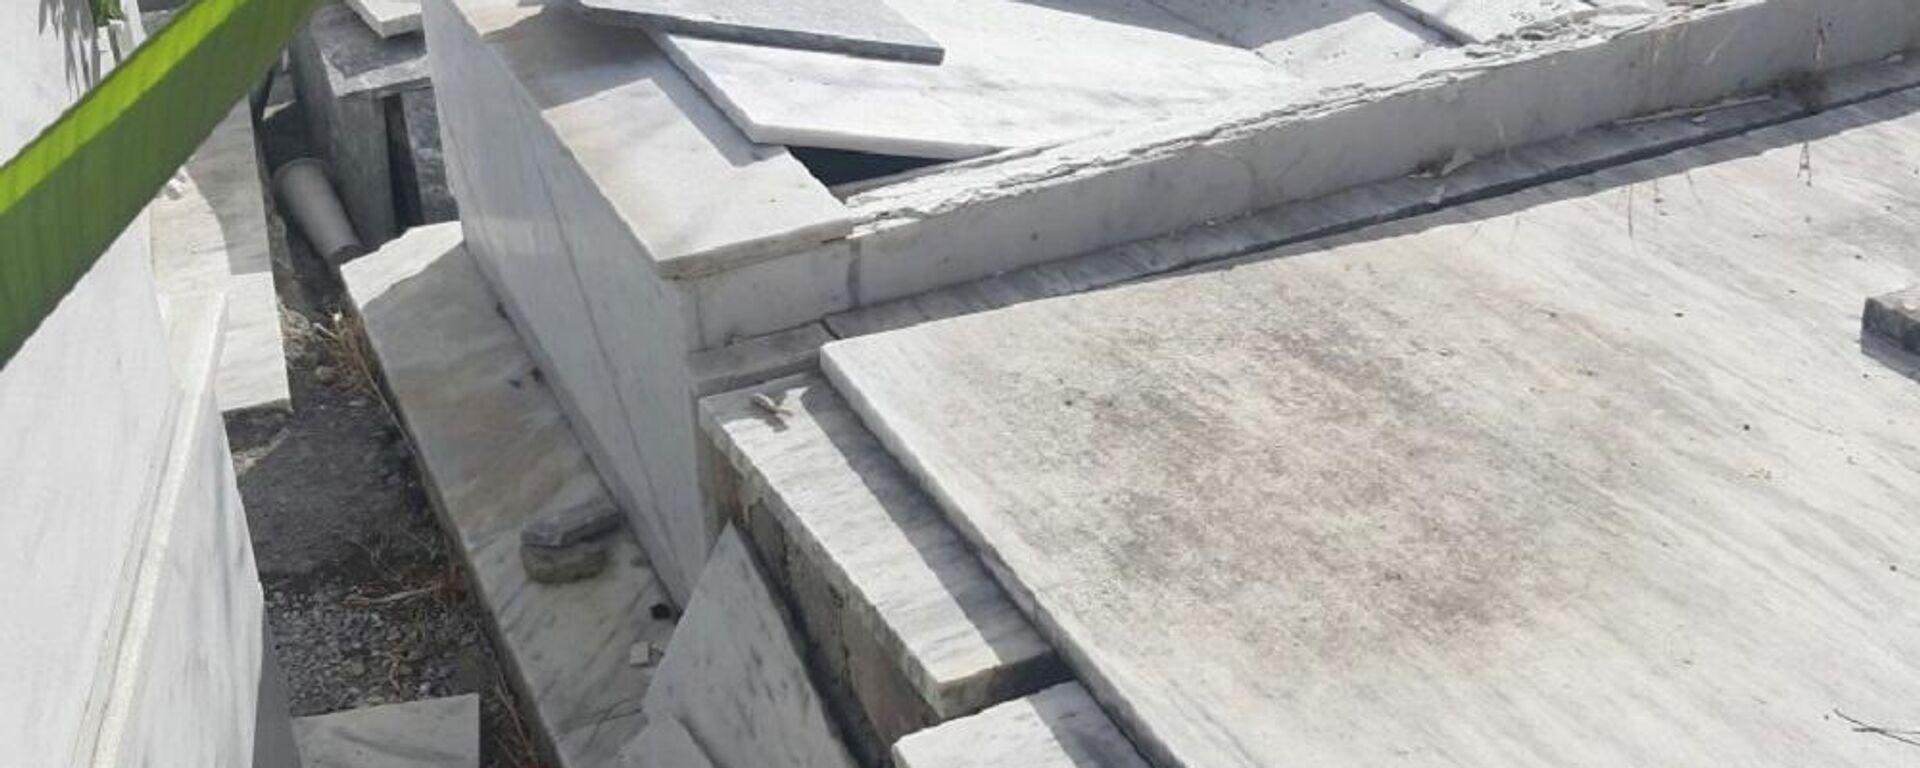 Άνοιξαν οι τάφοι από τον ισχυρό σεισμό στην Κρήτη - Sputnik Ελλάδα, 1920, 04.10.2021